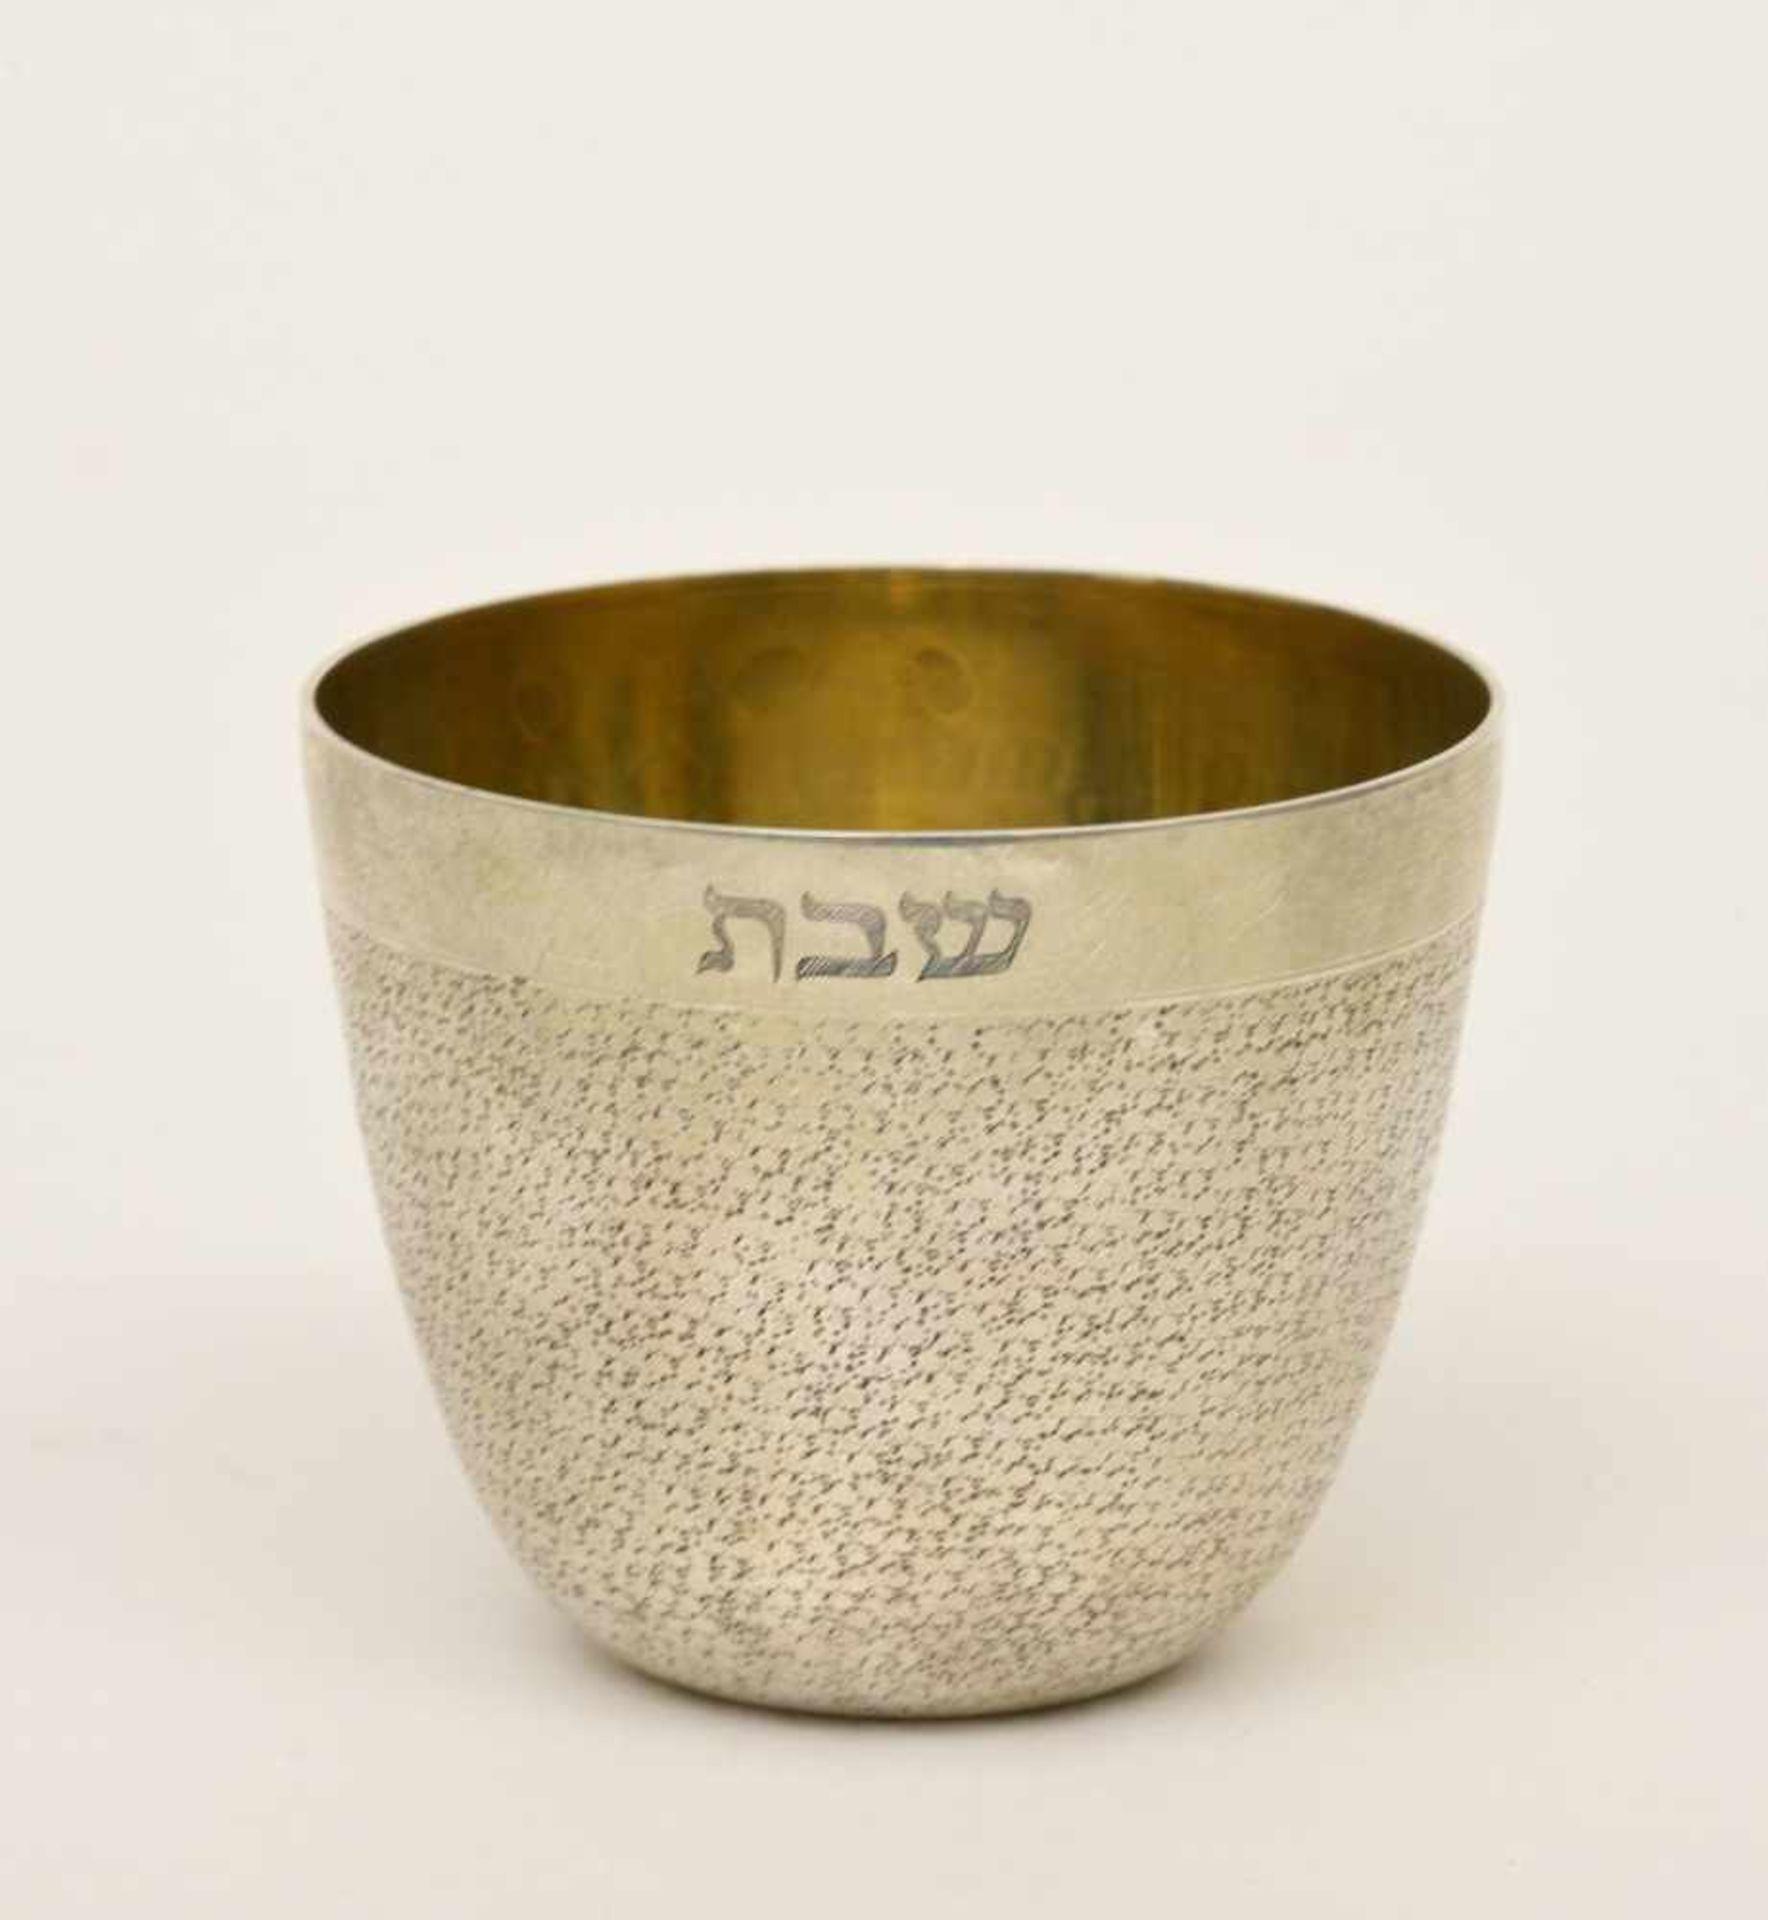 Los 50 - Kiddusch-Becher, 19. Jh.Silber, Schweden, schlangenhauptpunzierte Oberfläche, Innenvergoldung,